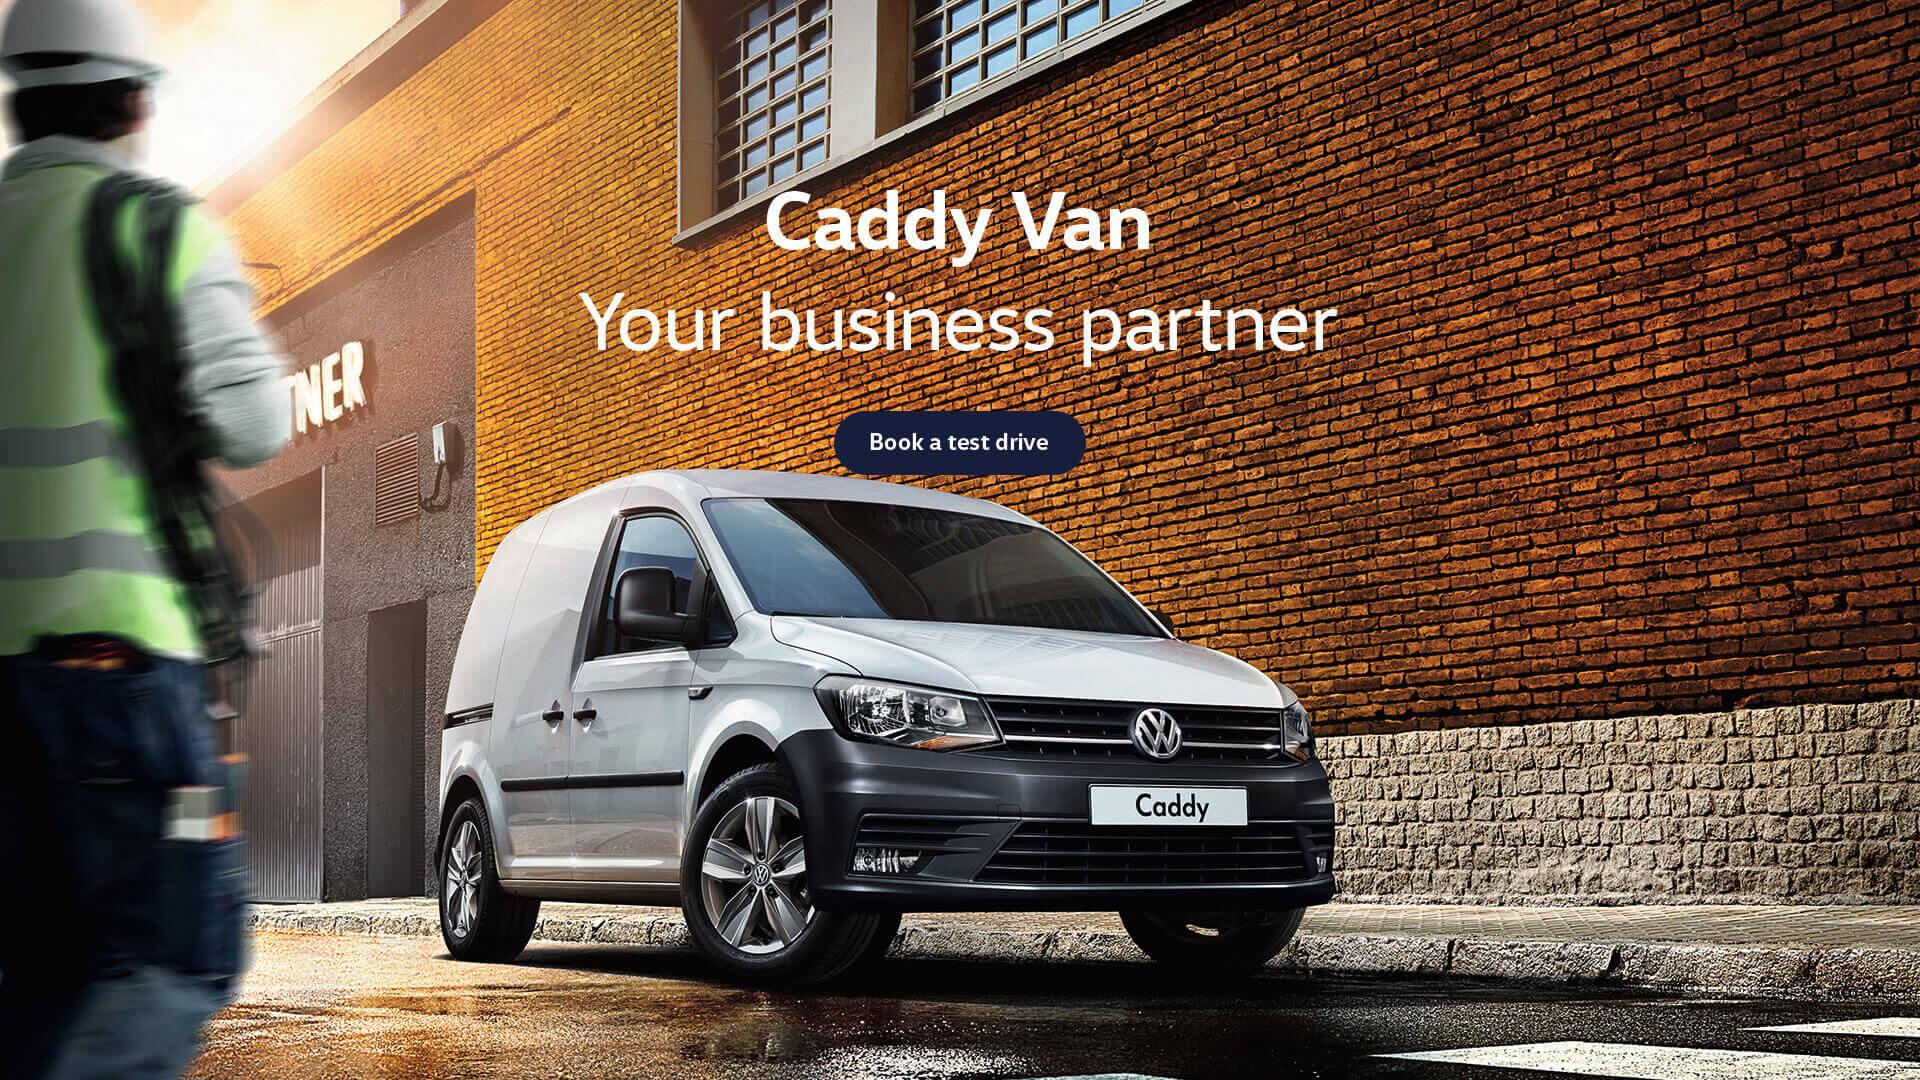 Volkswagen Caddy Van. Your business partner. Test drive today at Norris Motor Group Volkswagen, Brisbane